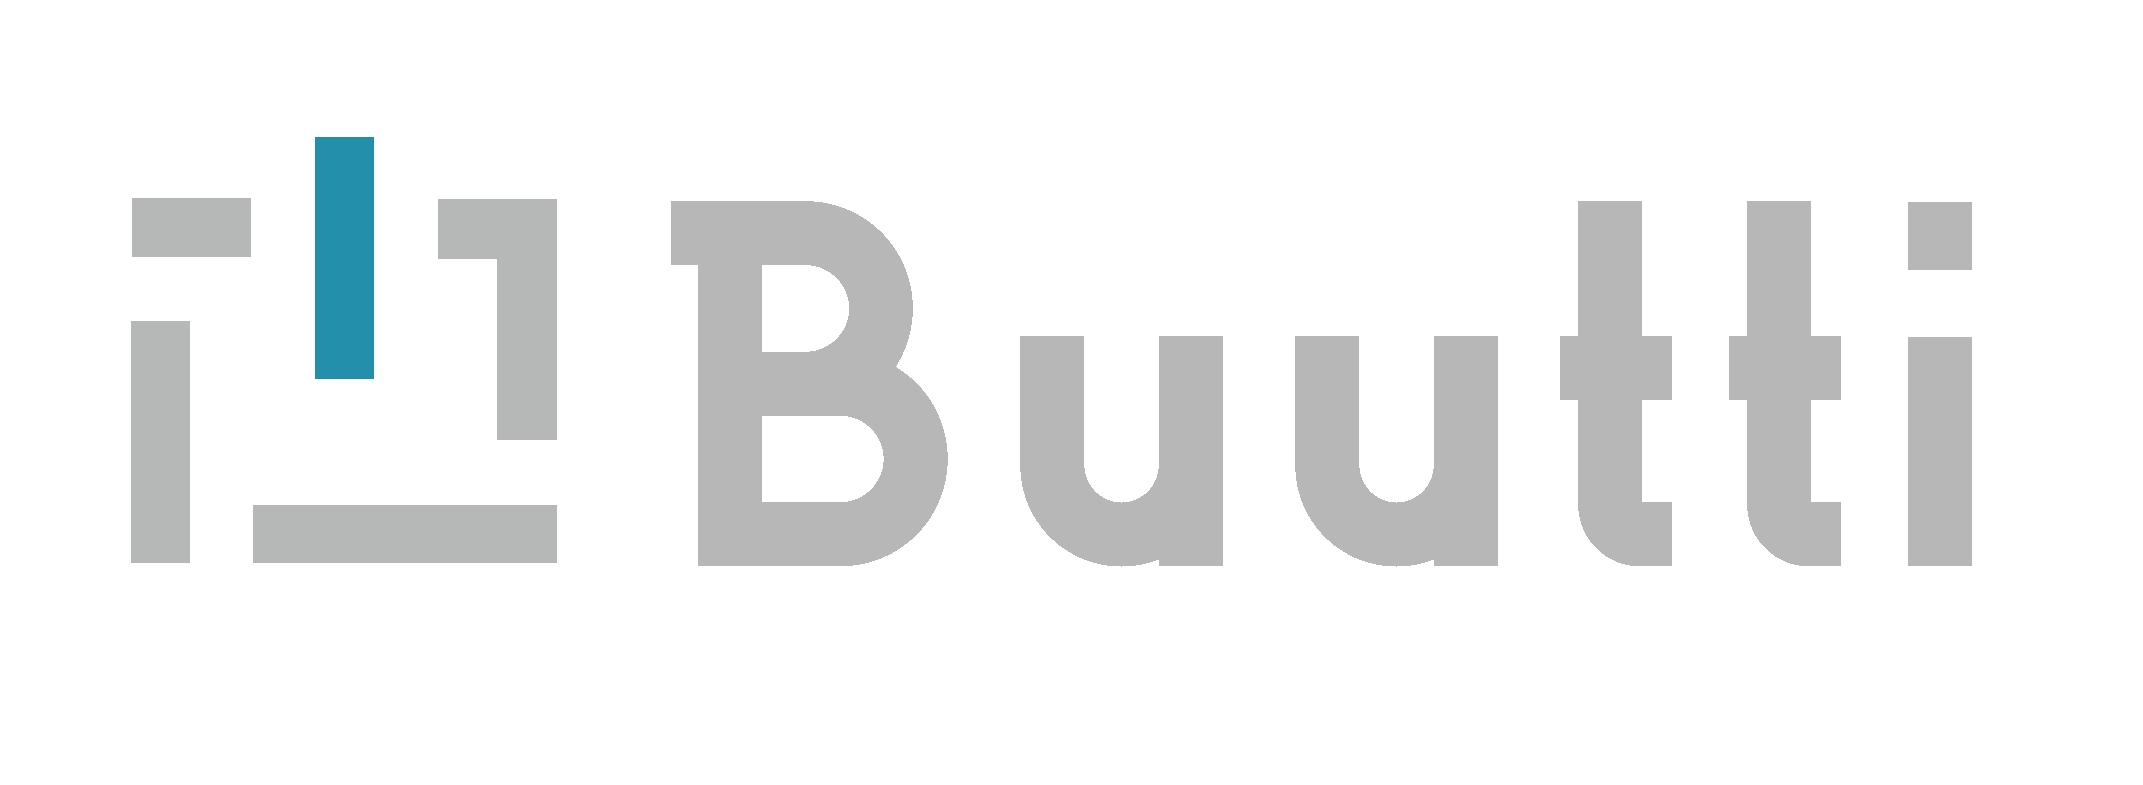 Buutti Oy